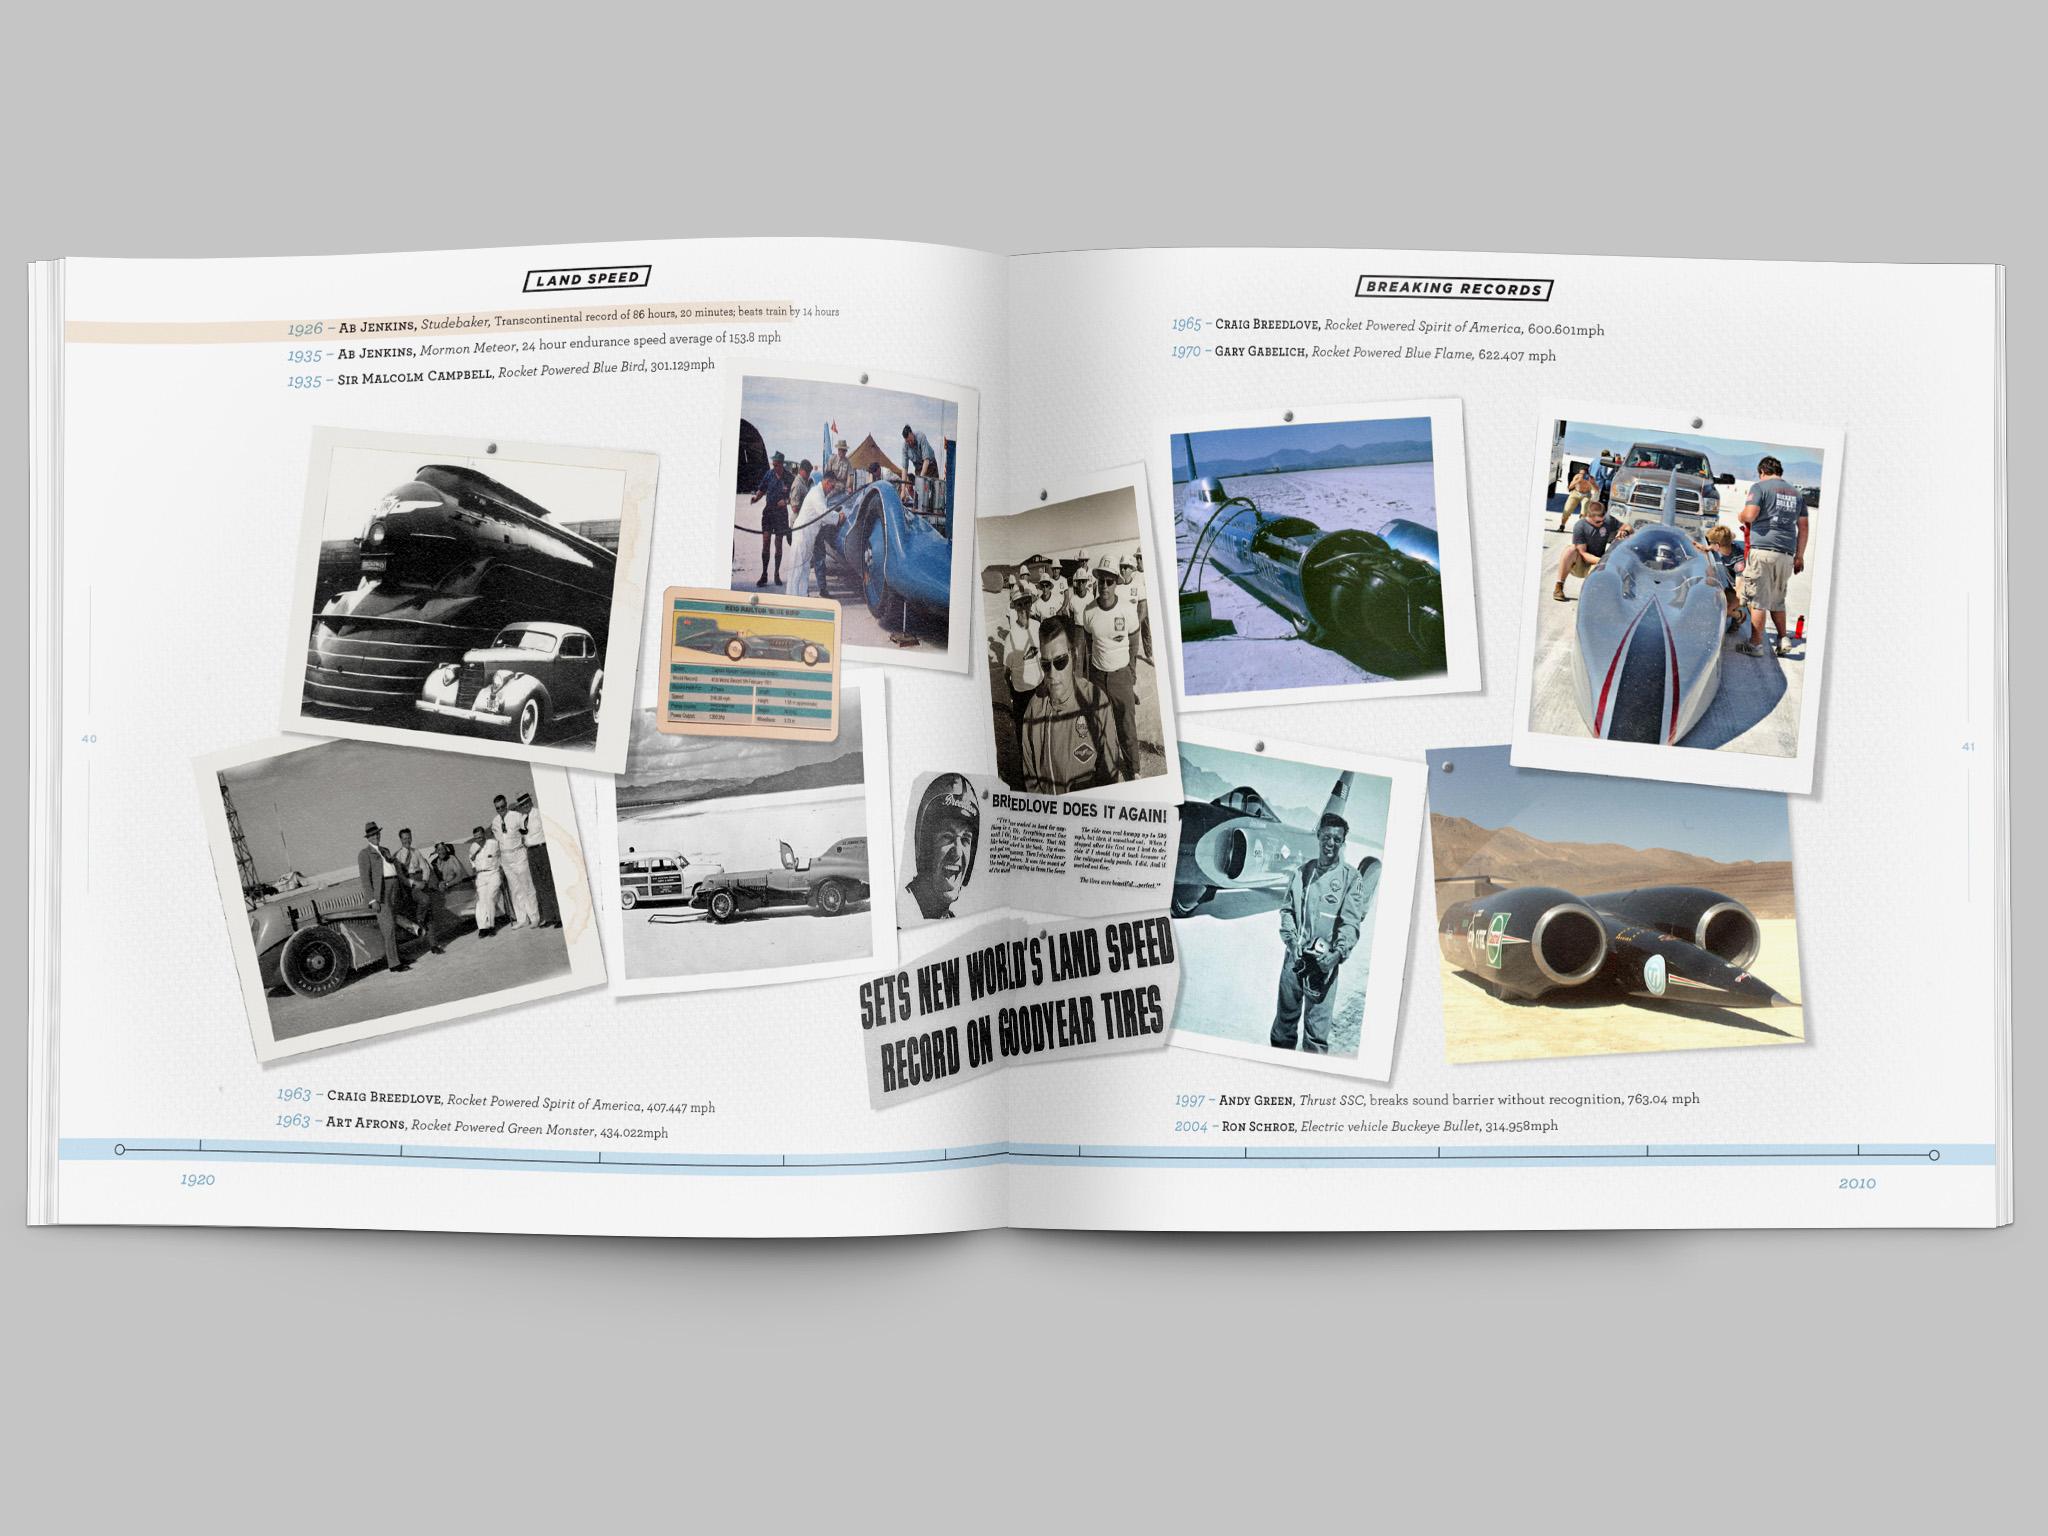 landspeed_horizontal_0000s_0016_landspeed_bookmockuptwopager.2.jpg